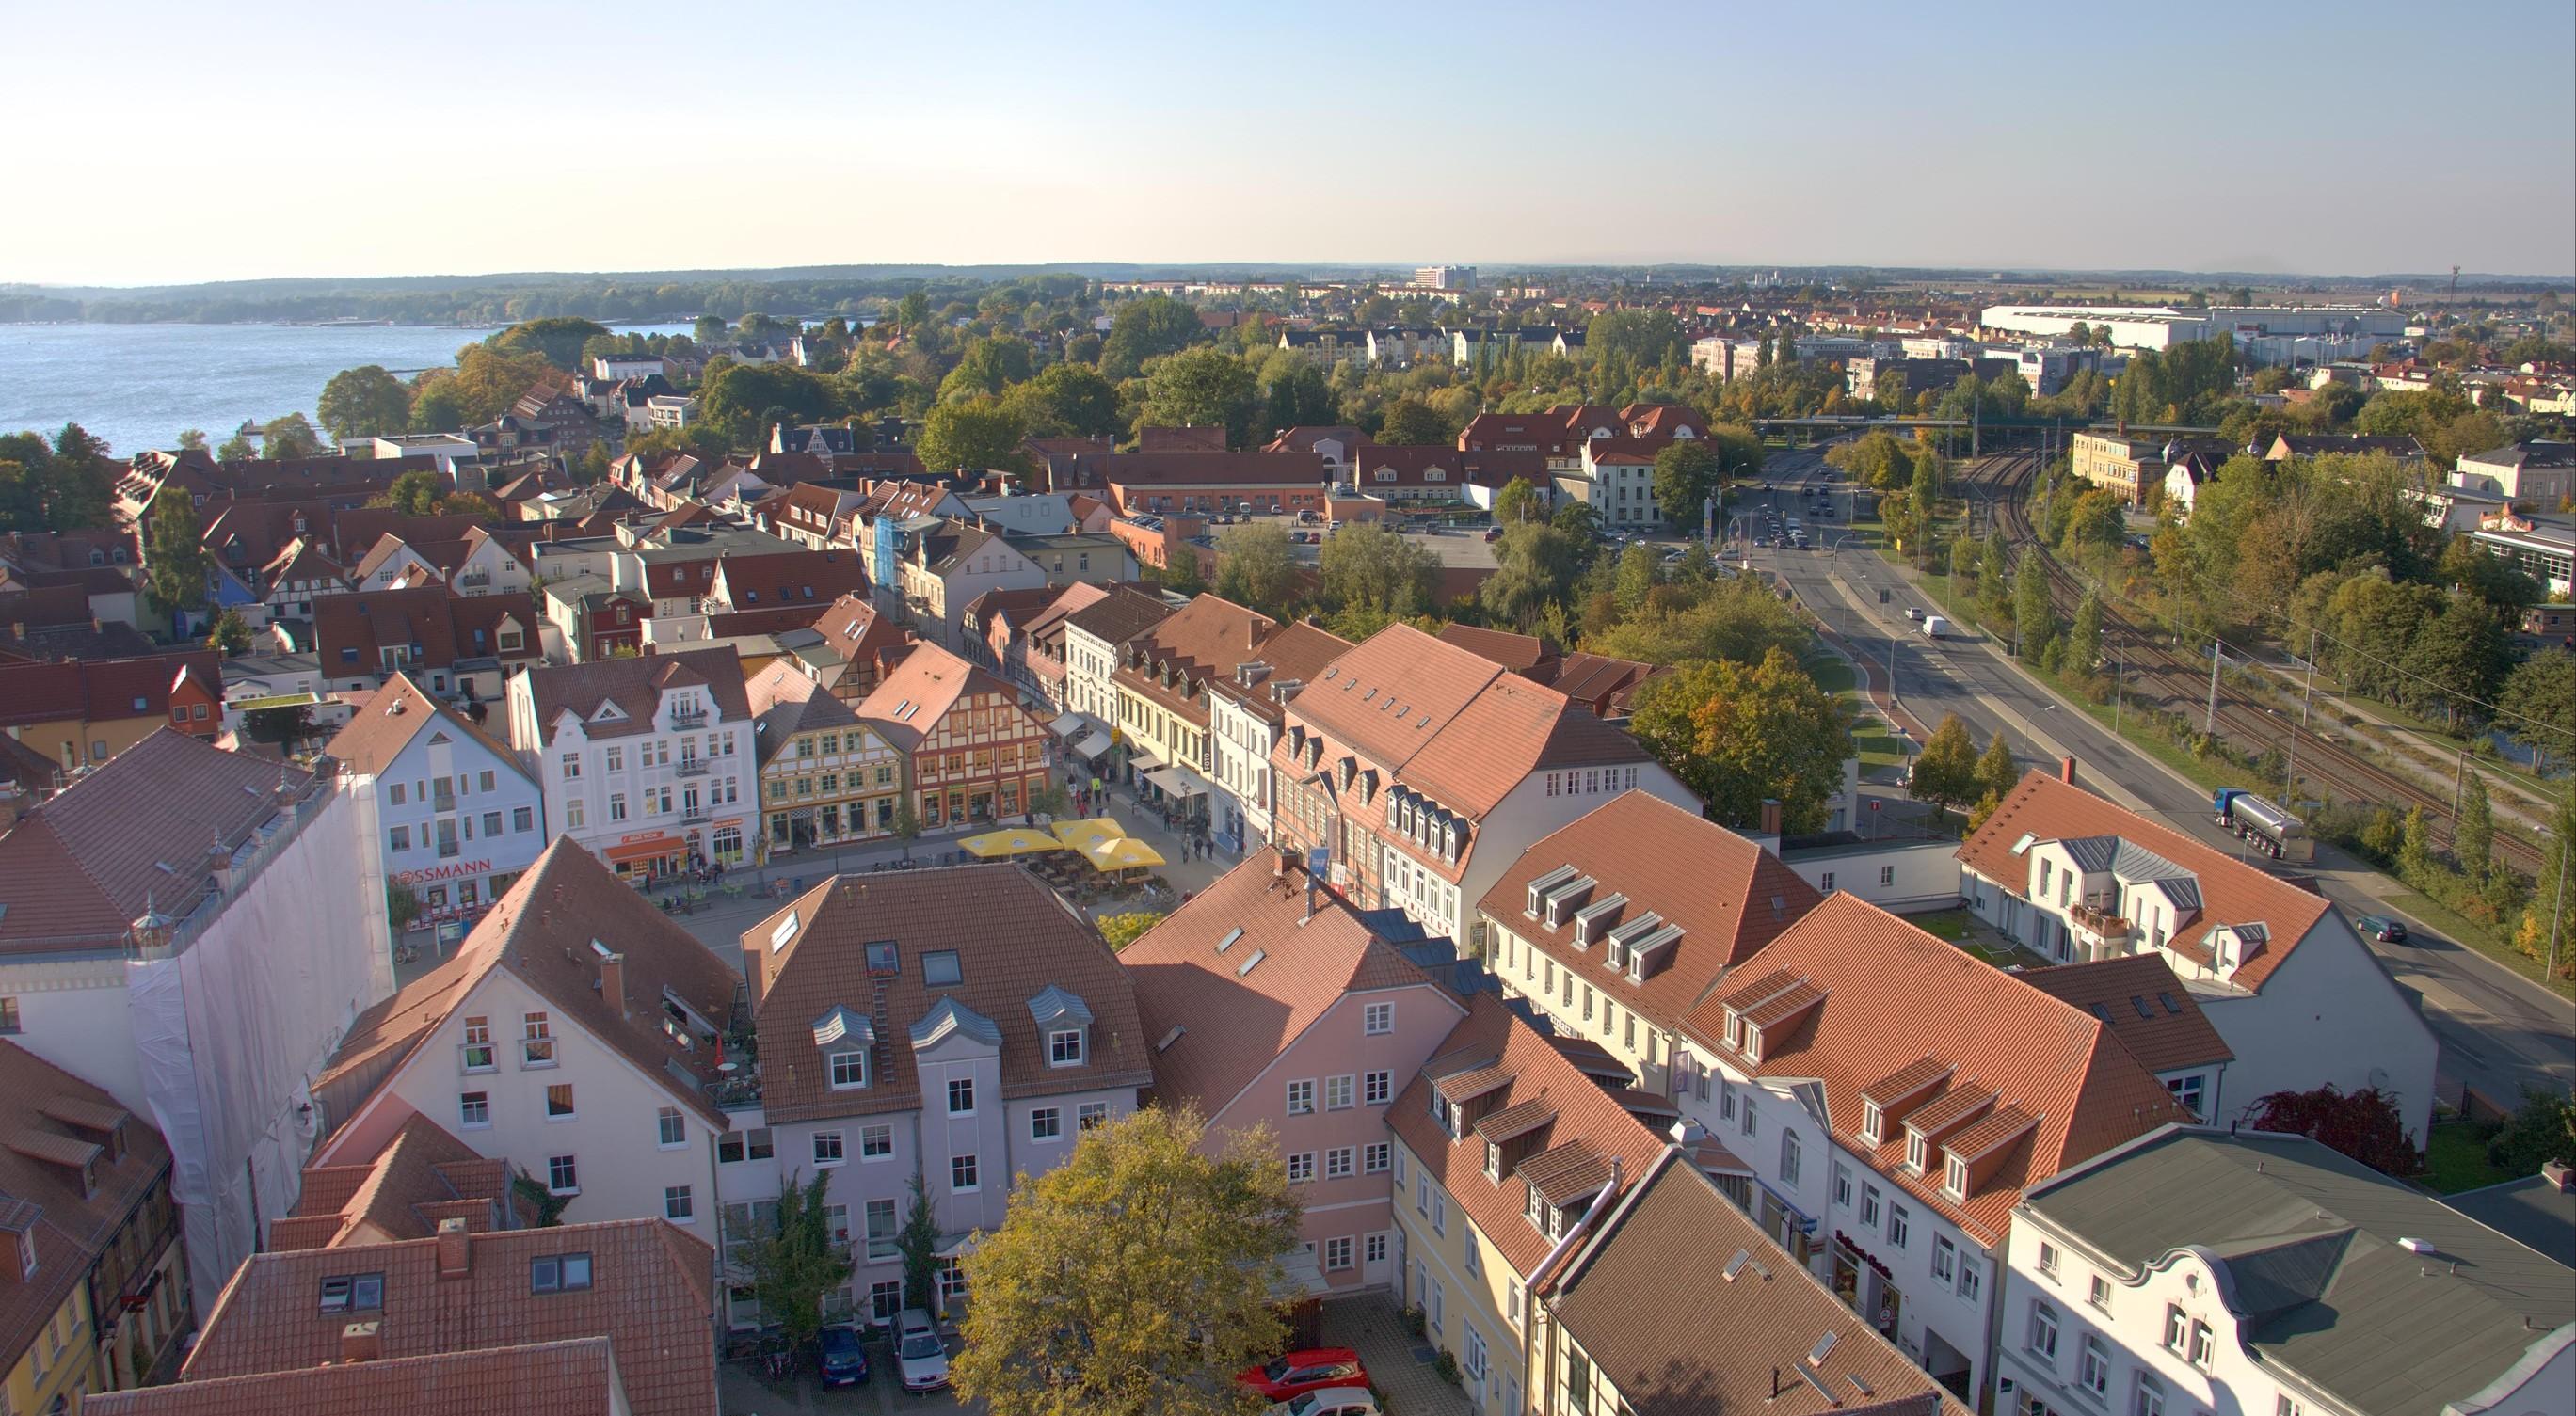 Yachthafen Resort und Spa in Waren (Müritz), Standortbeschreibung Bild 2